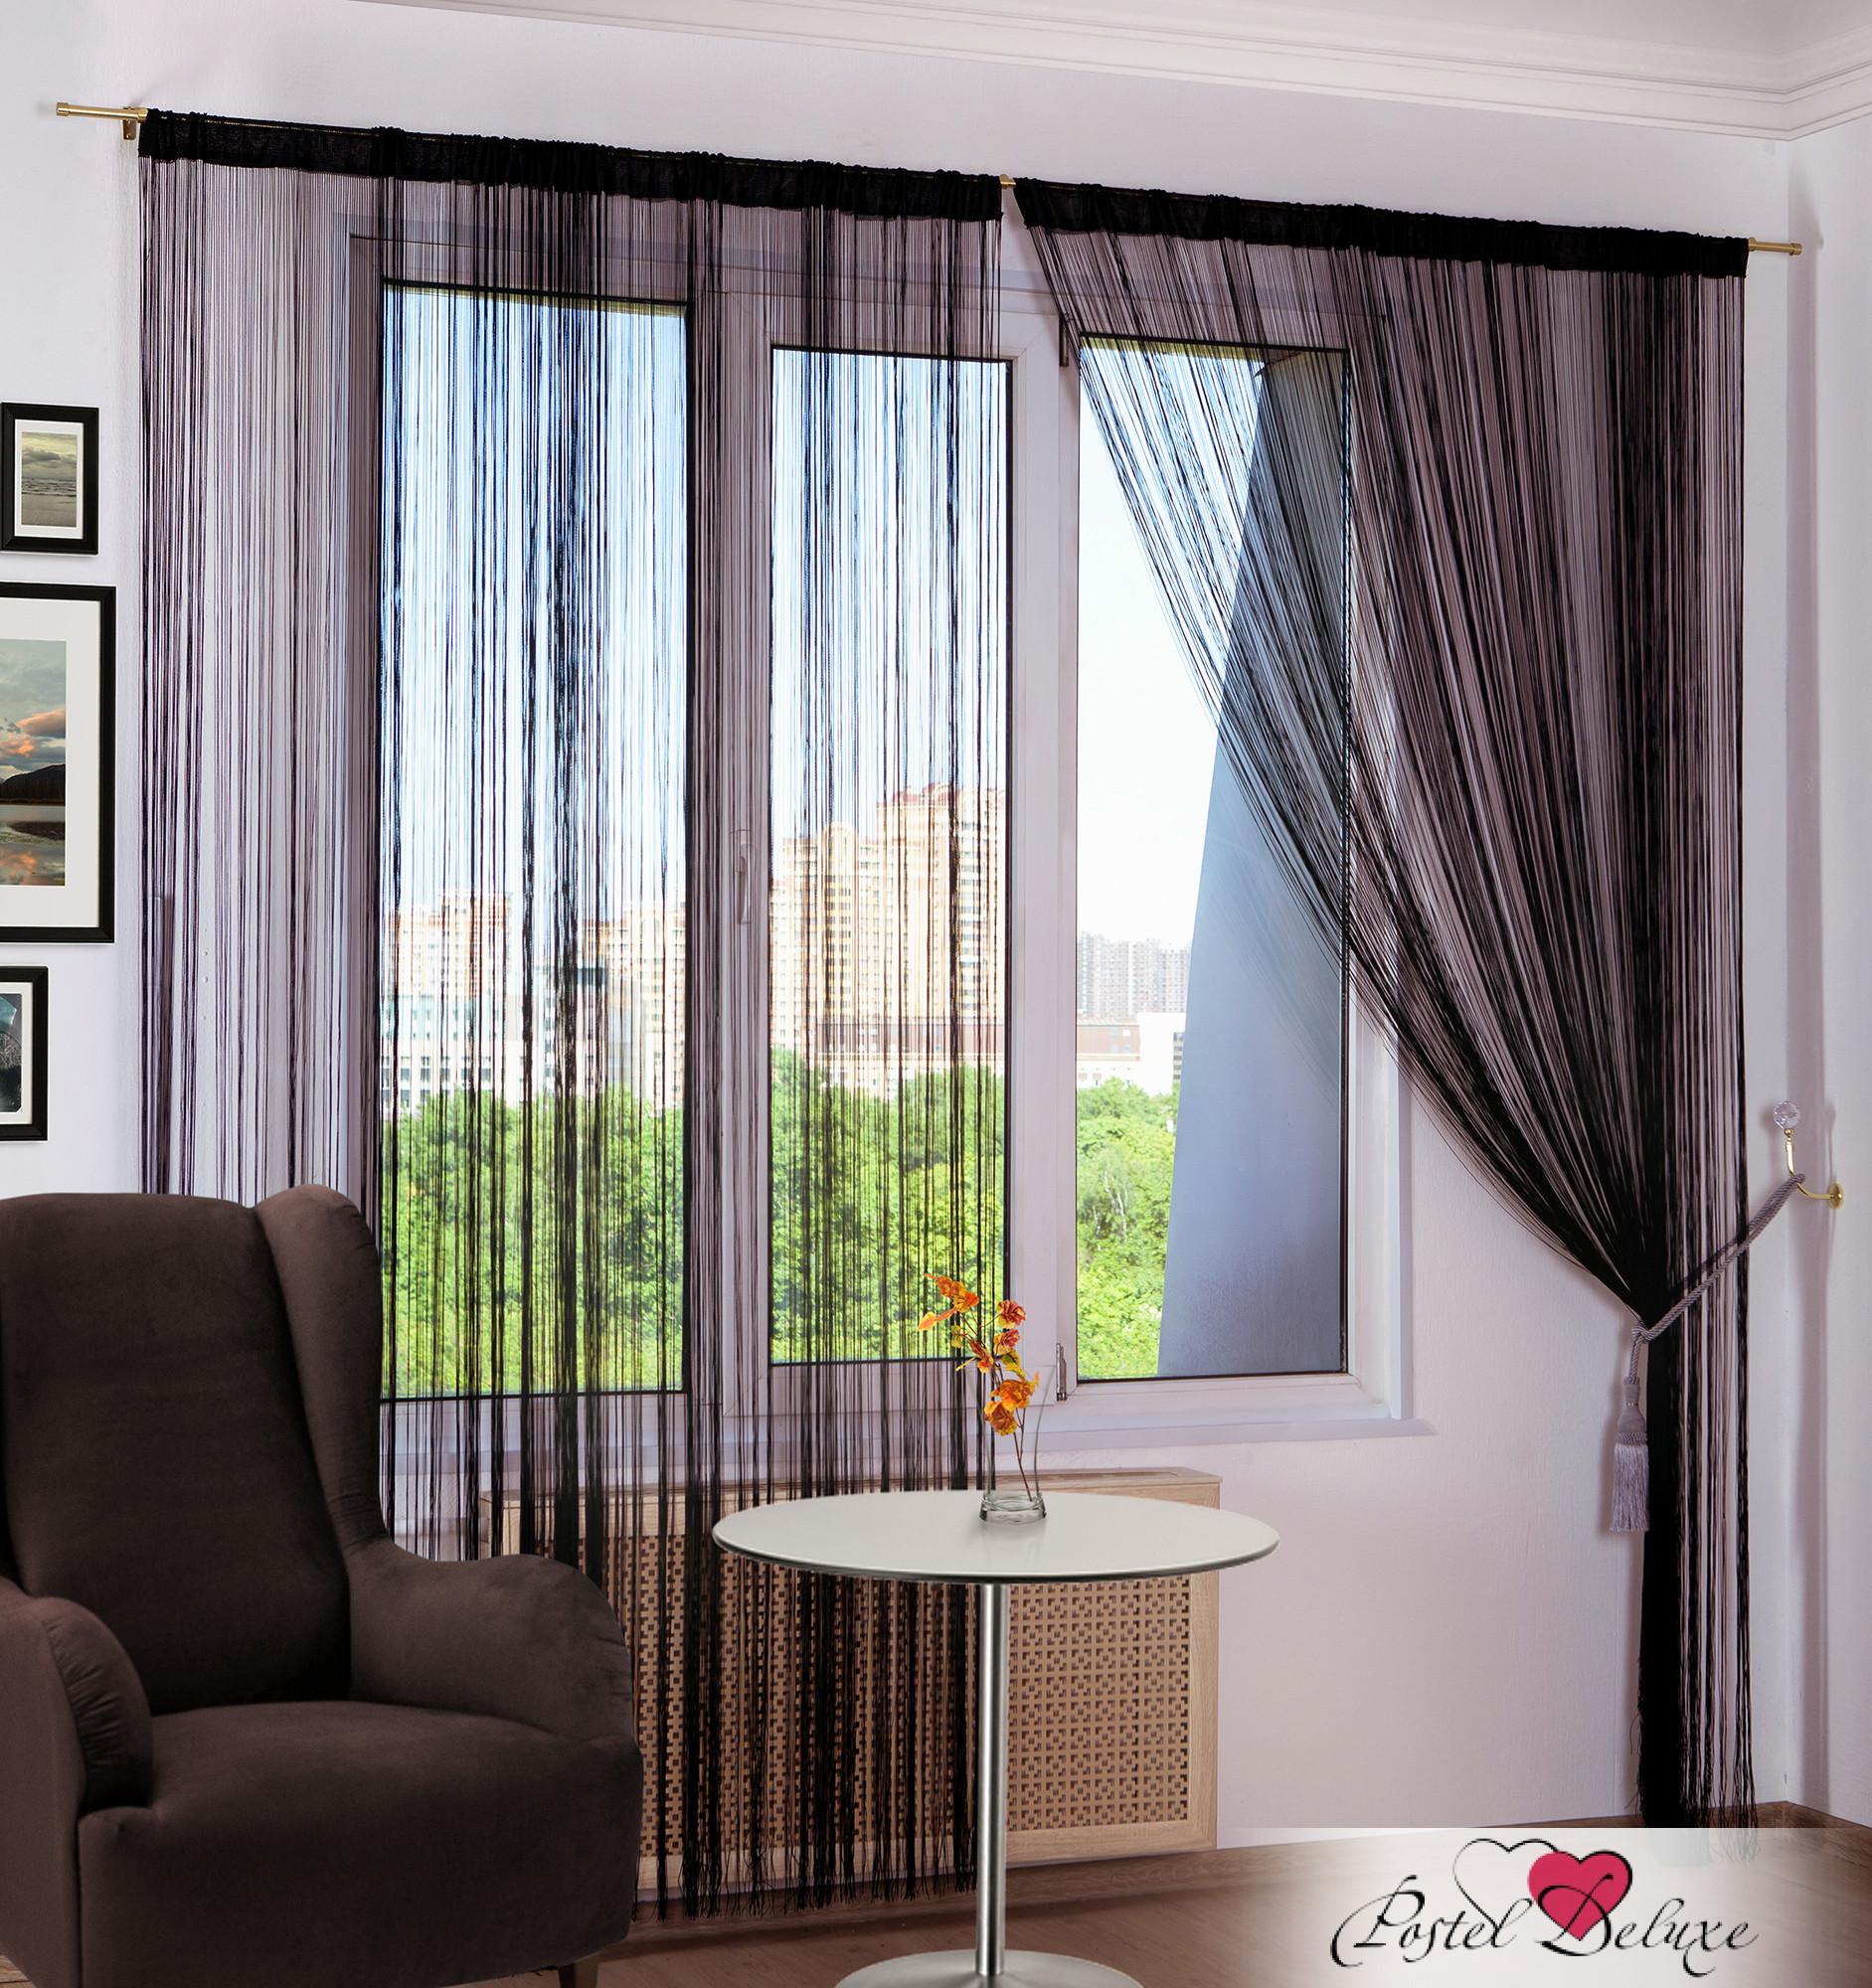 Занавески в спальню — 120 фото красивых идей, лучшие варианты применения и современные варианты сочетаний